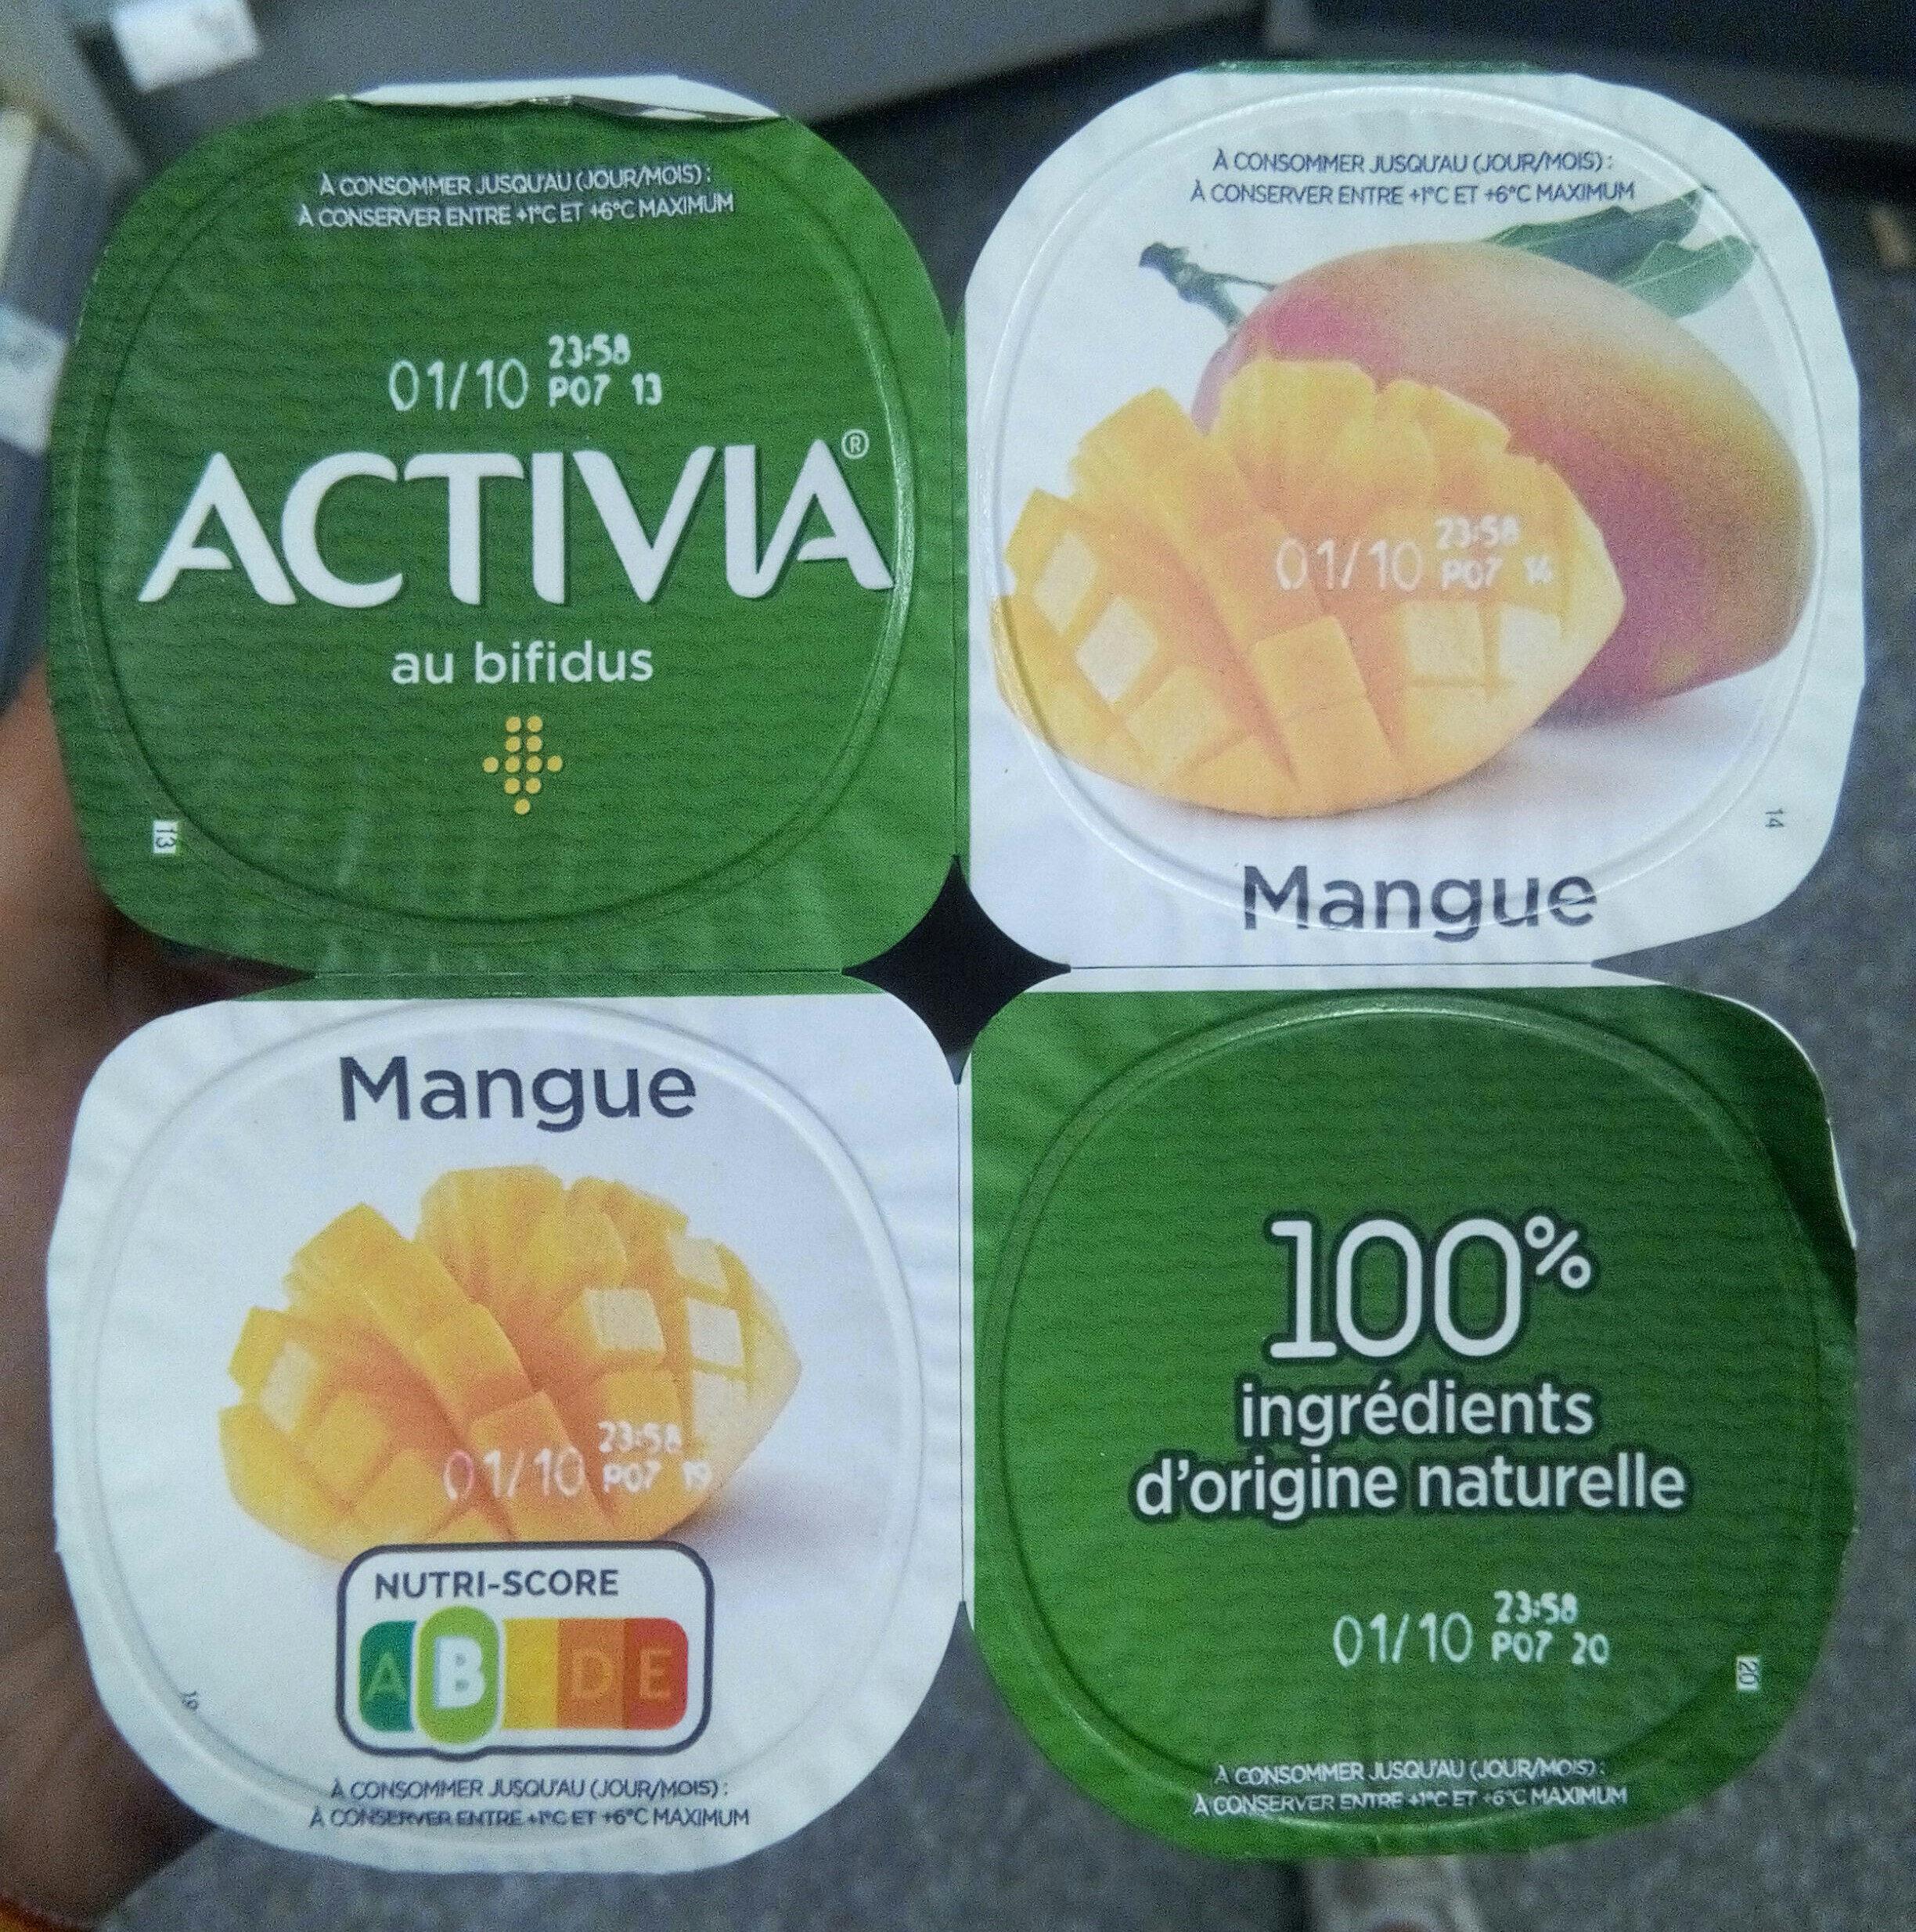 Activia au bifidus mangue - Product